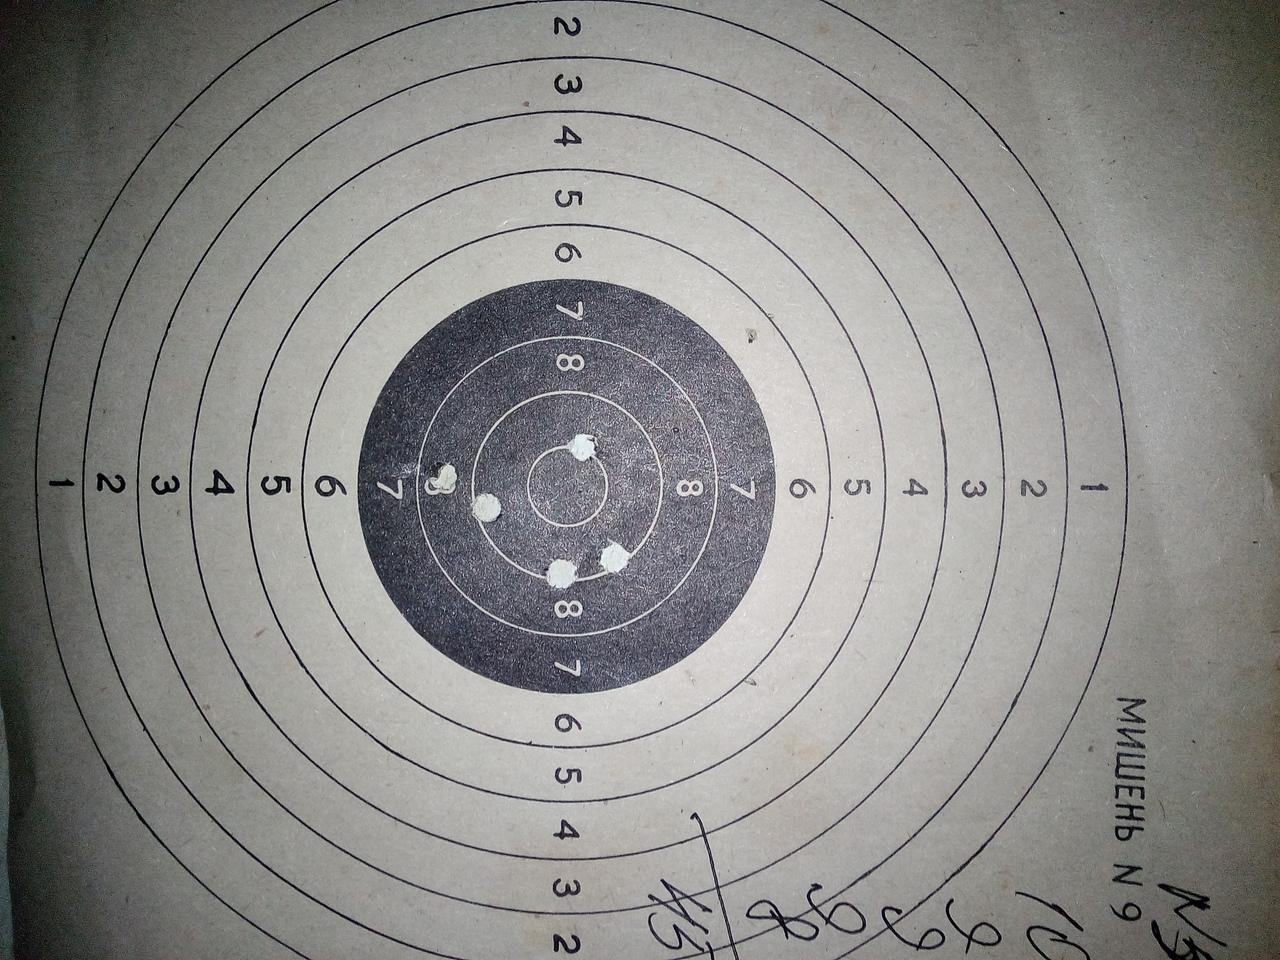 target №5.jpg